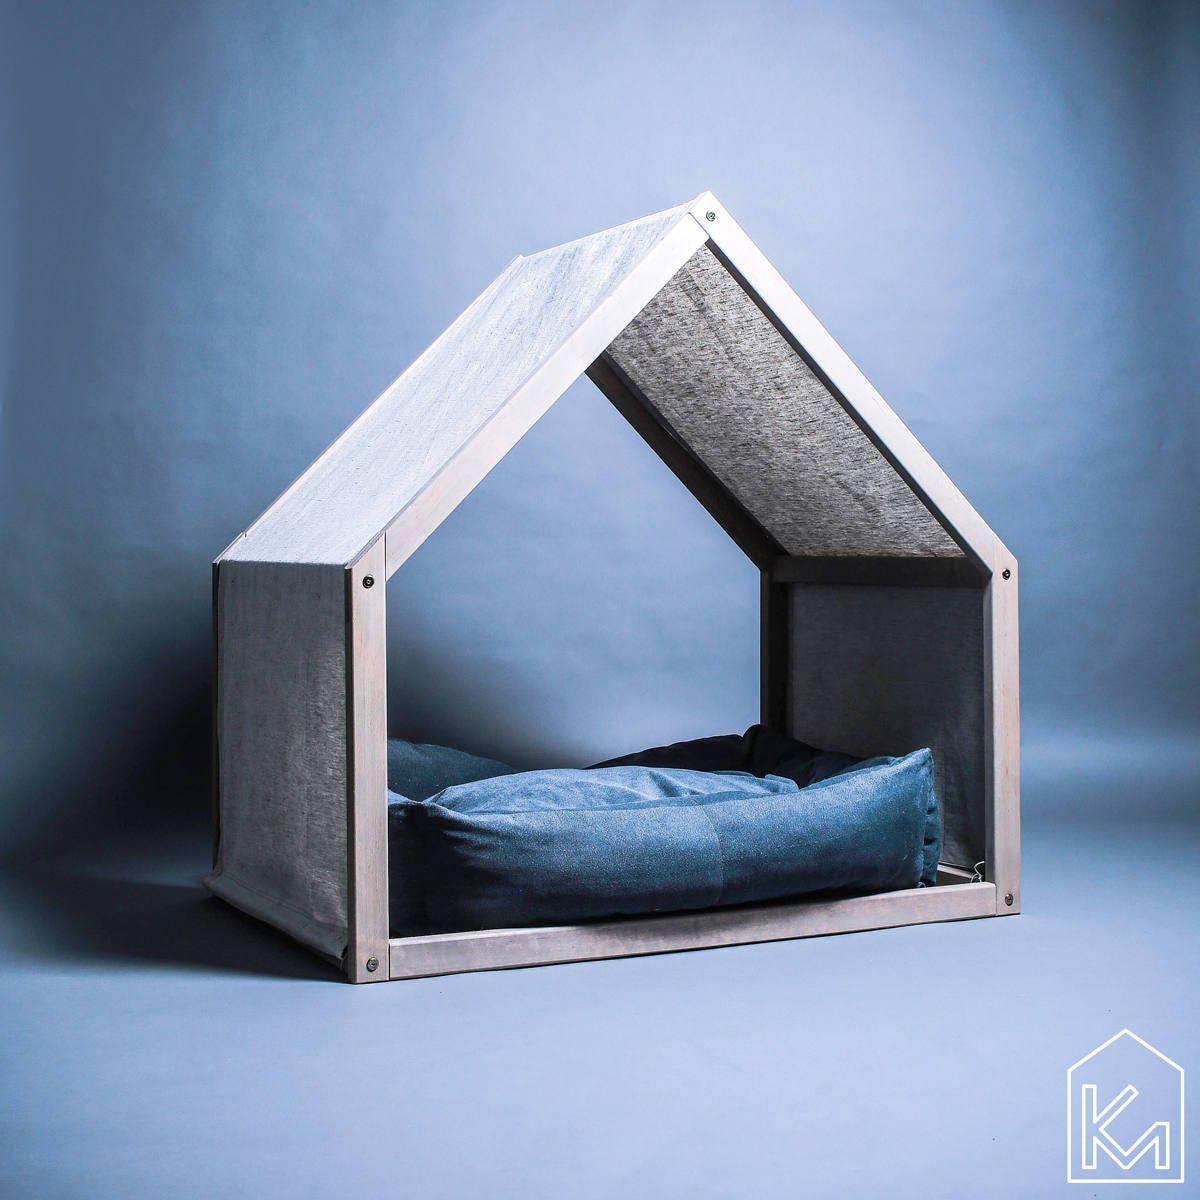 Современный дом собаки с льняной крышкой, кровать собаки, дом любимчика, кровать любимчика, мебель любимчика, дом кровати собаки, кровать дома